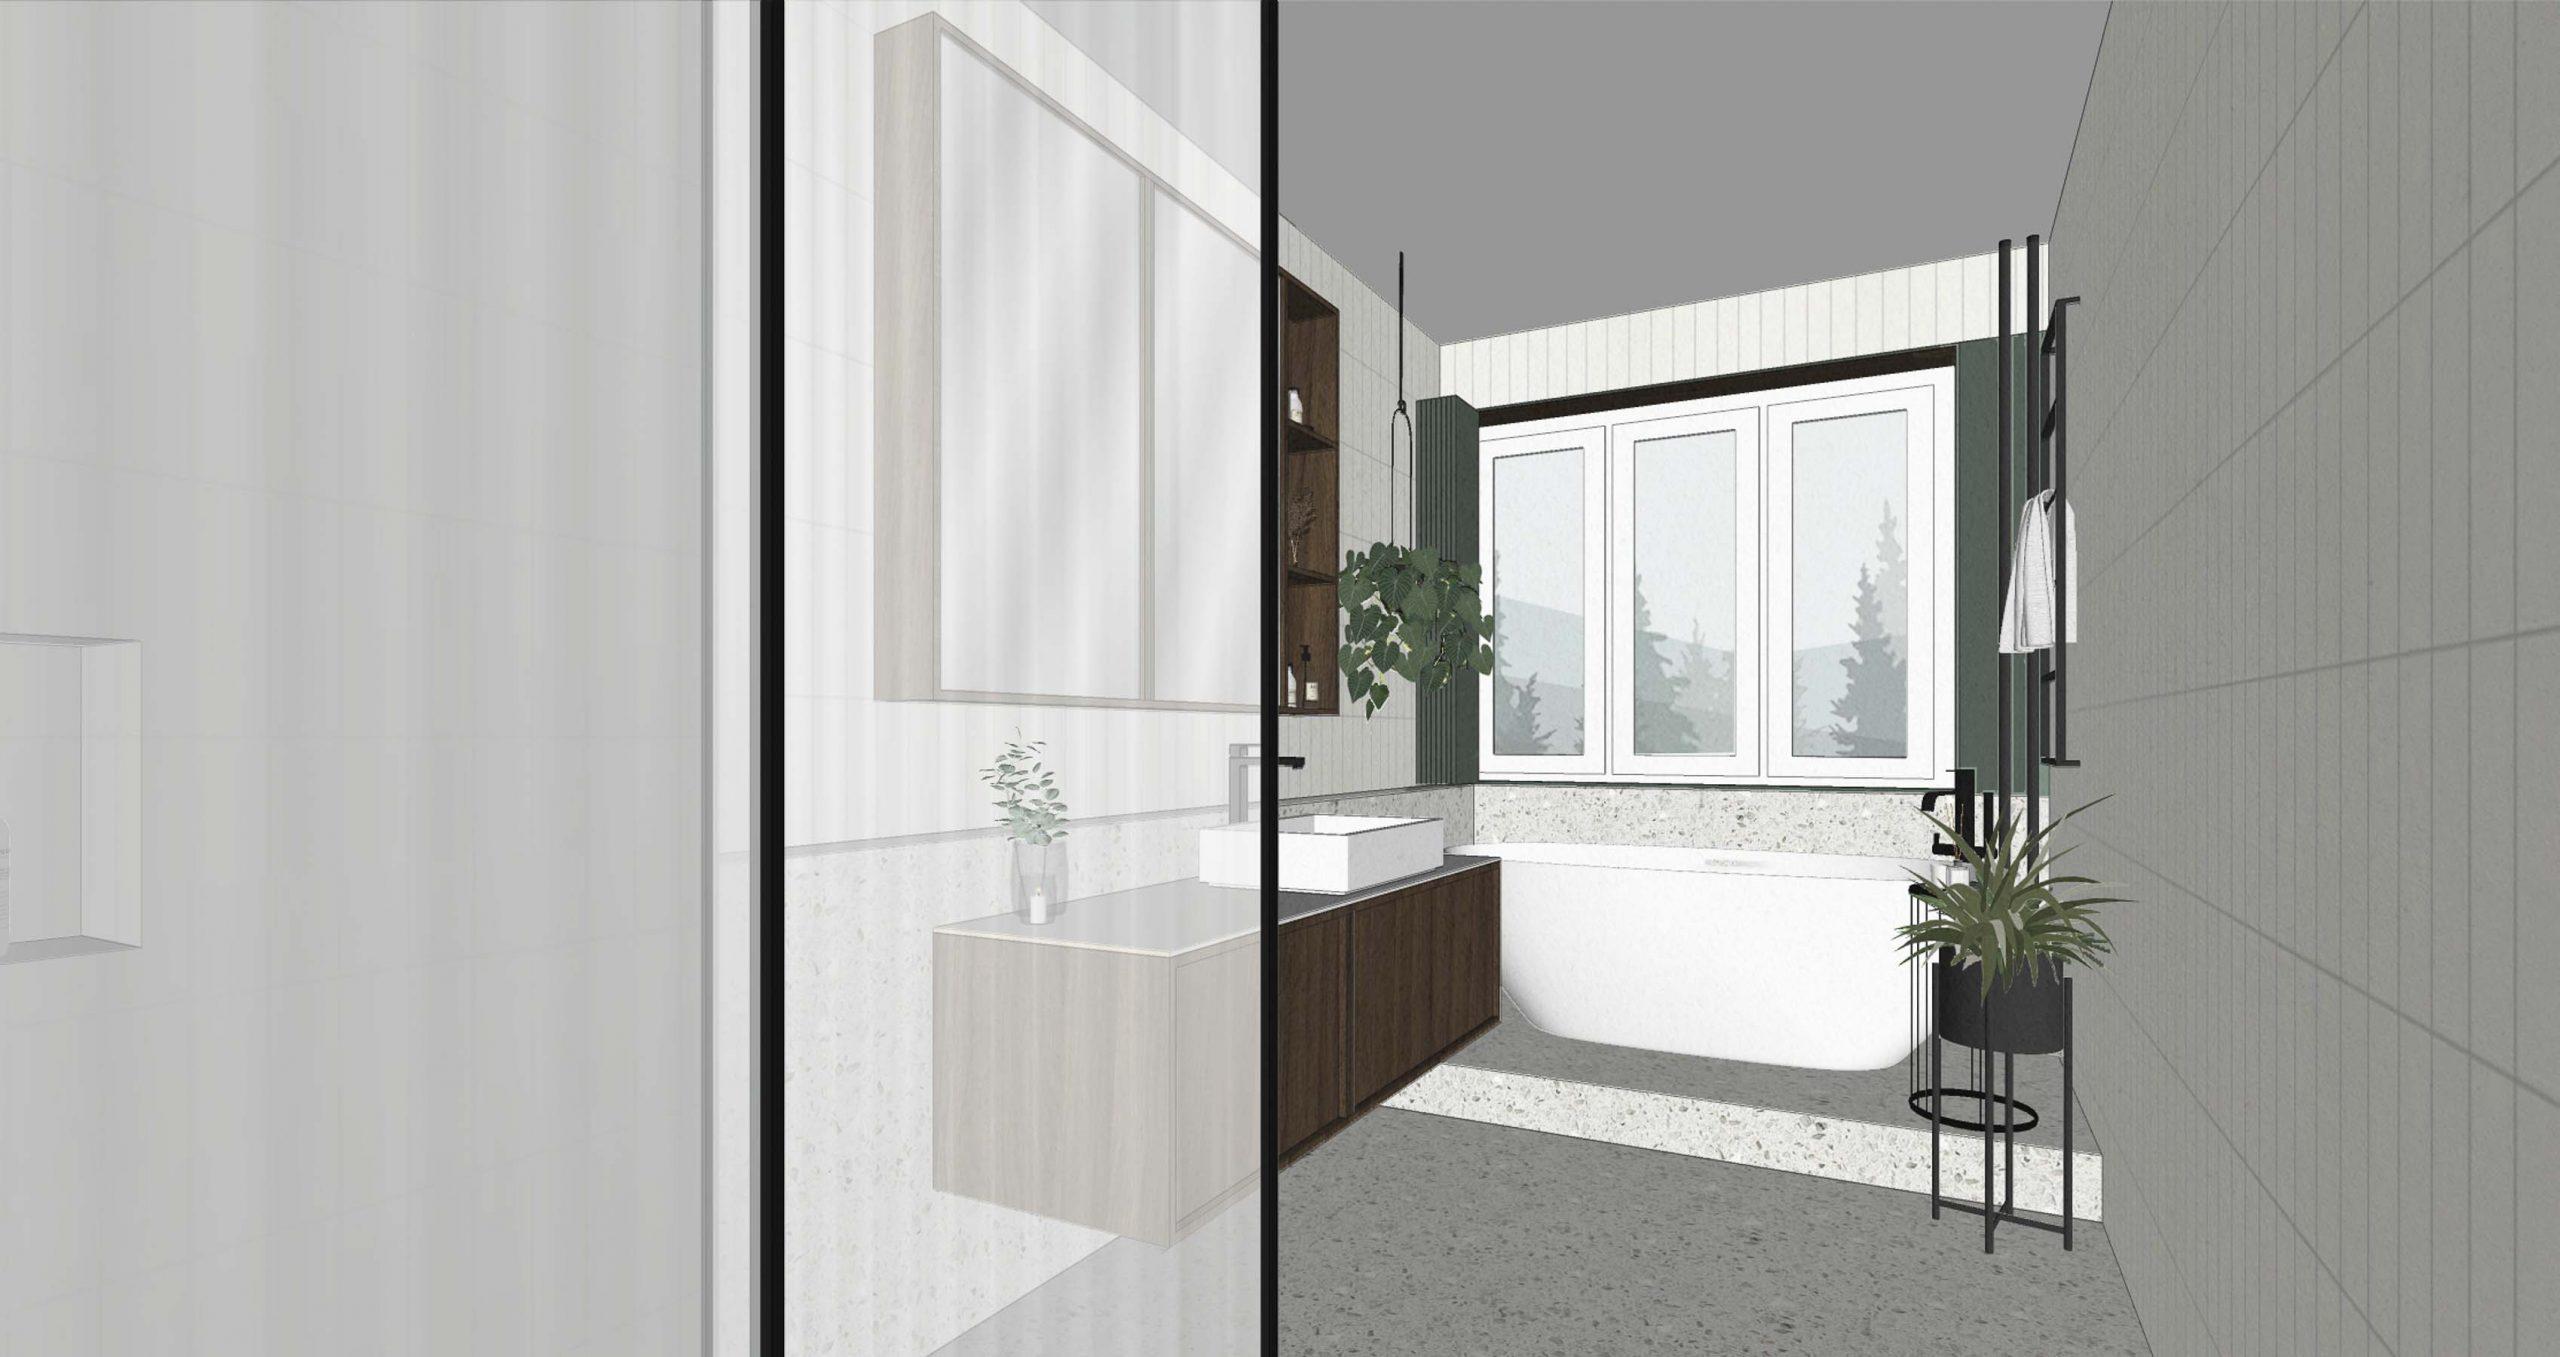 Navrh rekonstrukcie bytu, kupelna, VAUarchitects